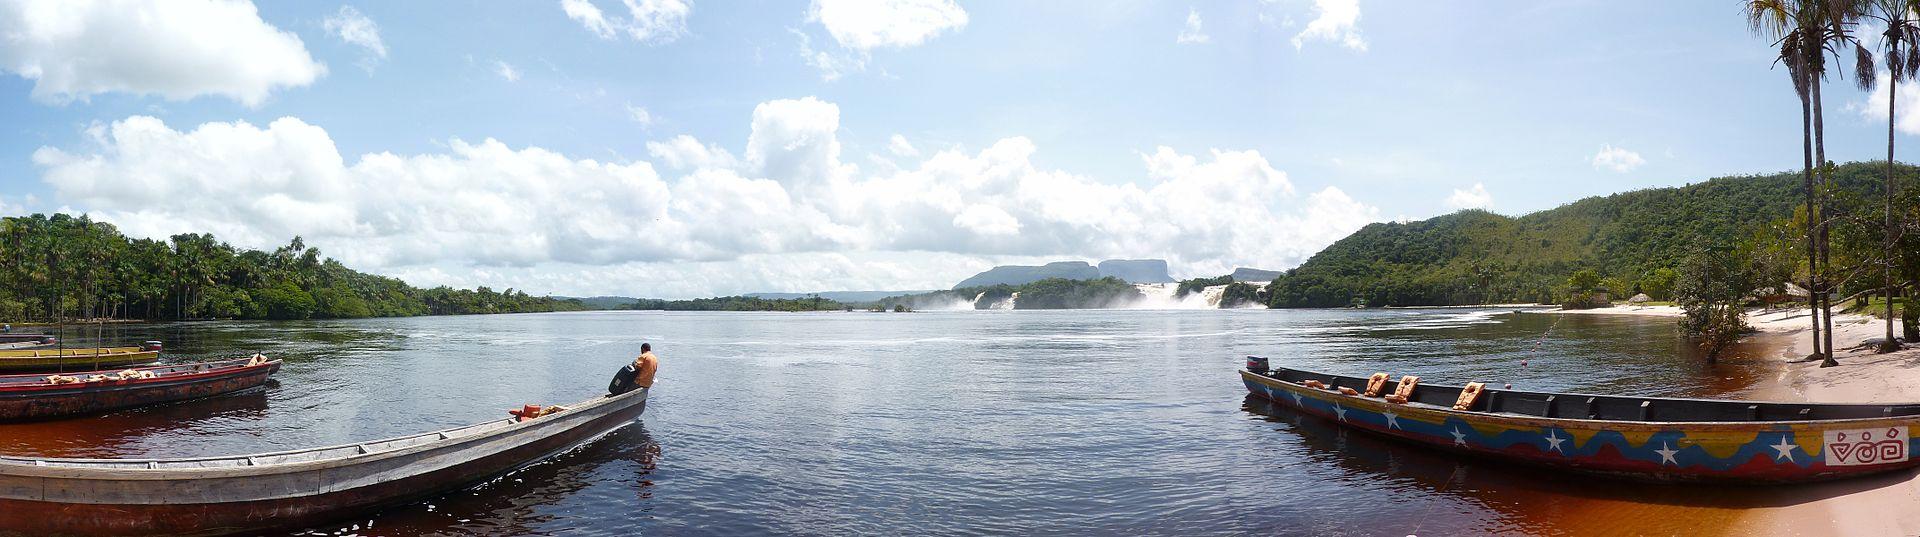 Parcul National Canaima laguna